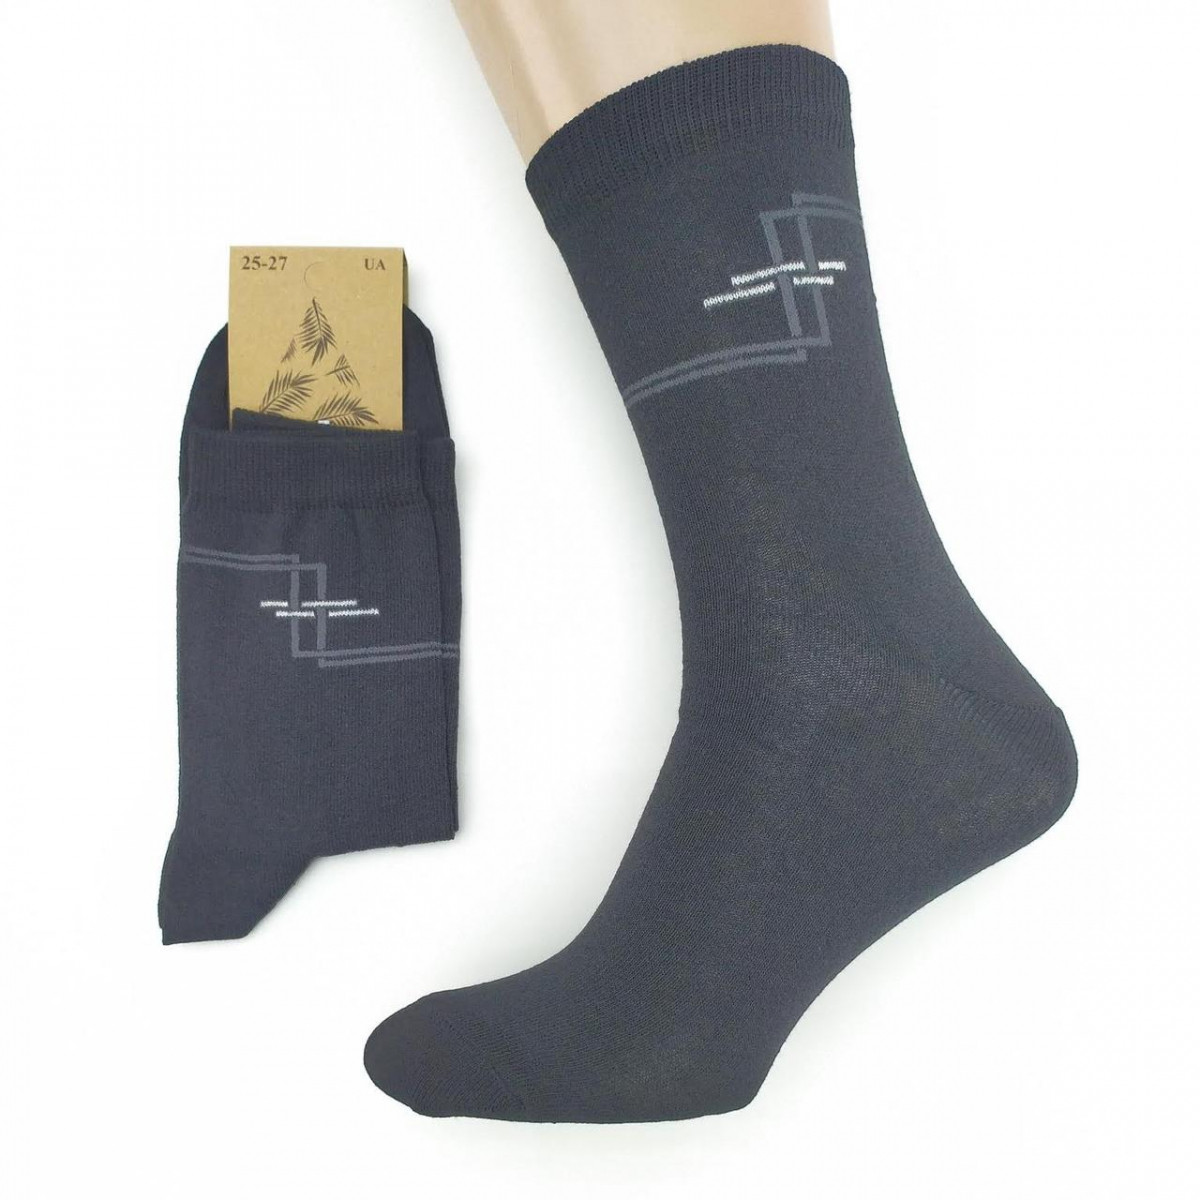 Носки мужские демисезонные средние Loft Socks 25-27р черные с узором 20034139